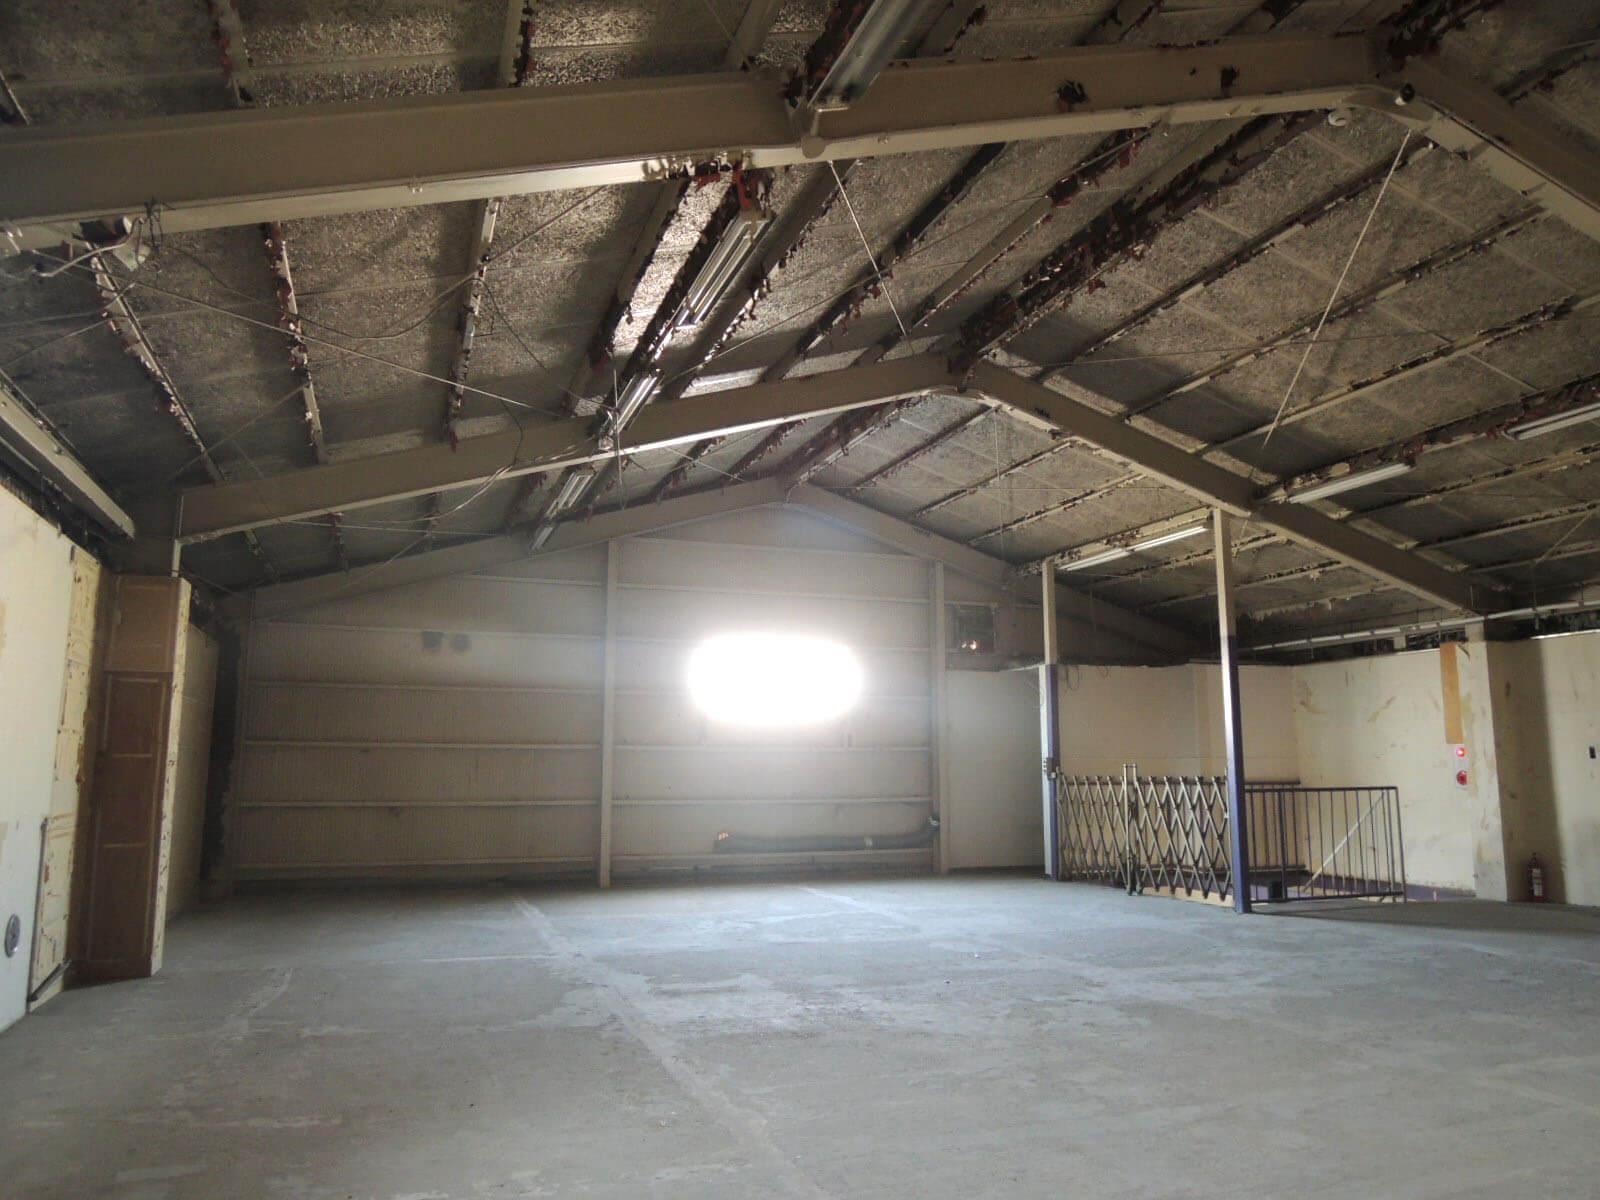 1階より高い天井。大きな照明など下げるとかっこよさが増しそう。